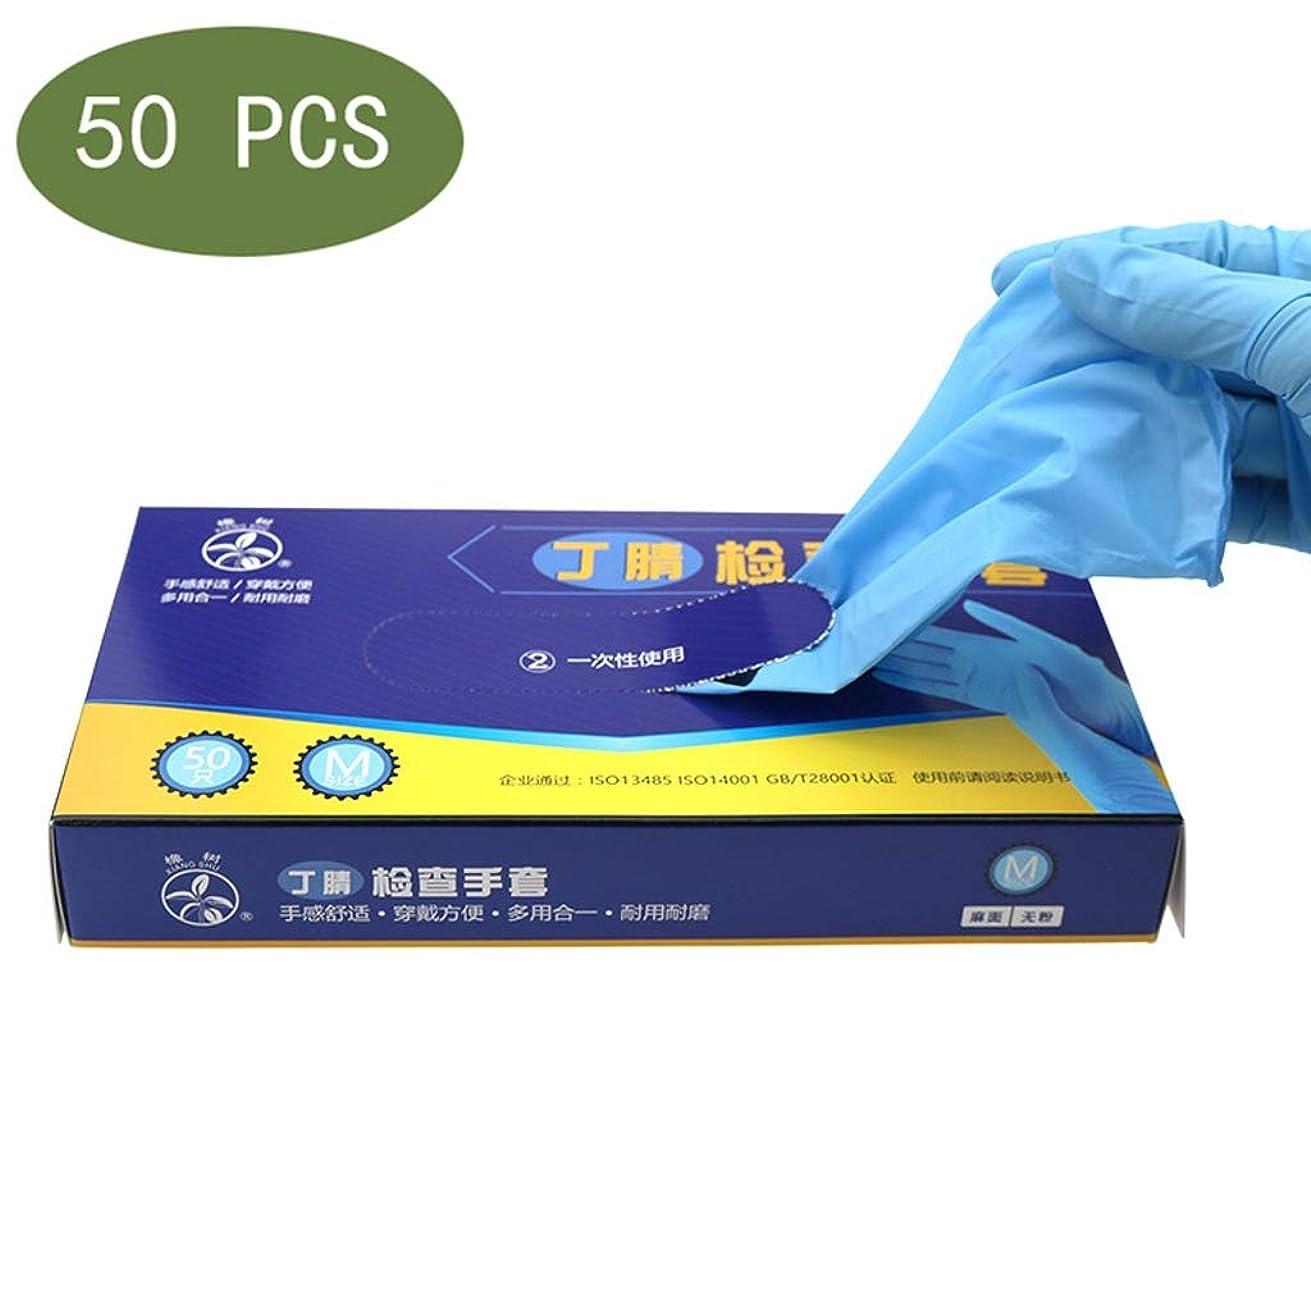 医療のテーブルを設定する雑品保護用使い捨てニトリル医療用手袋、4ミル、ラテックスフリー、試験グレードの手袋、テクスチャード加工、両性、非滅菌、50個入り (Size : S)